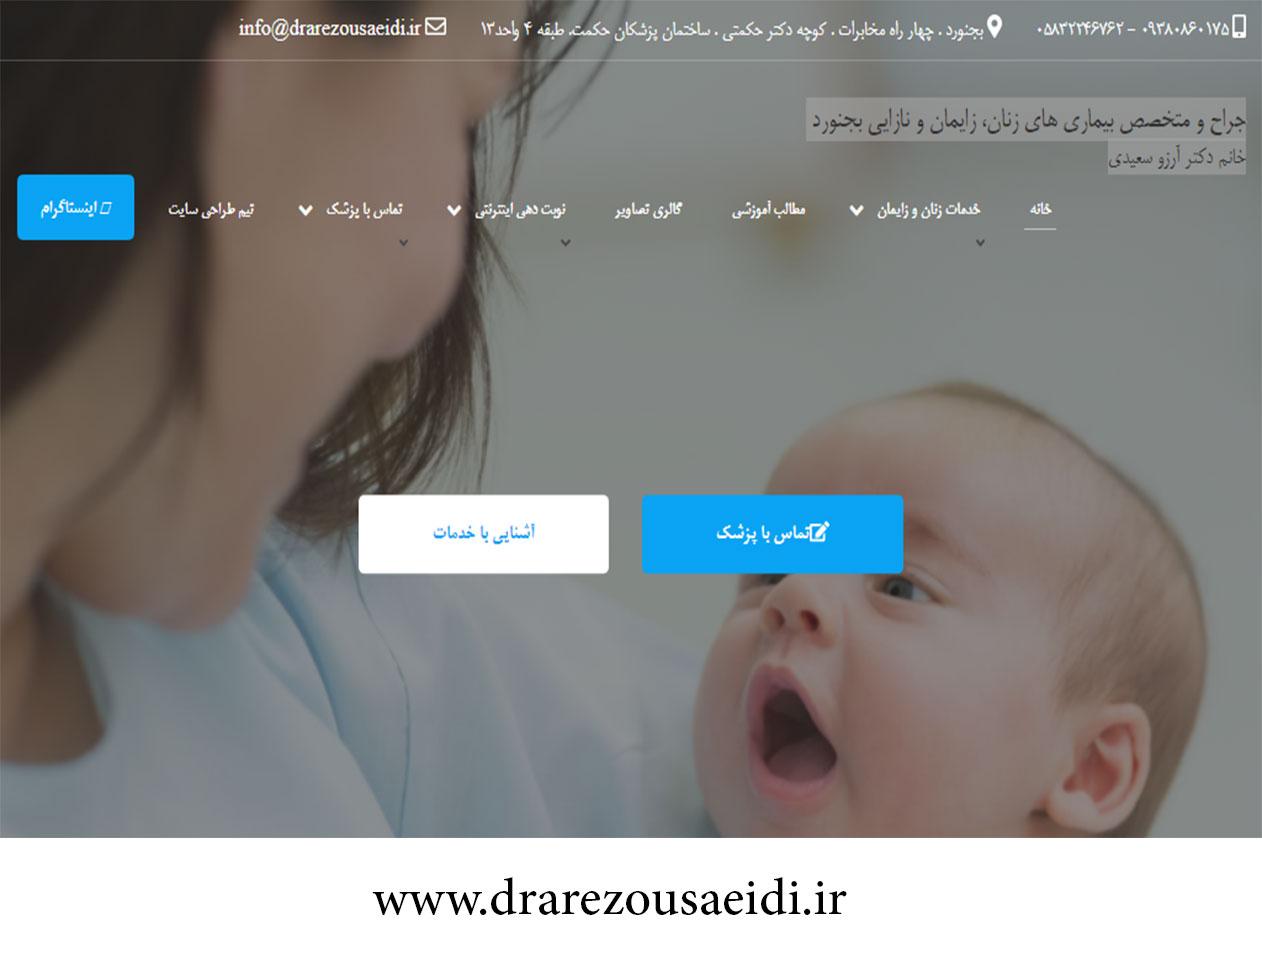 آرزو-سعیدی